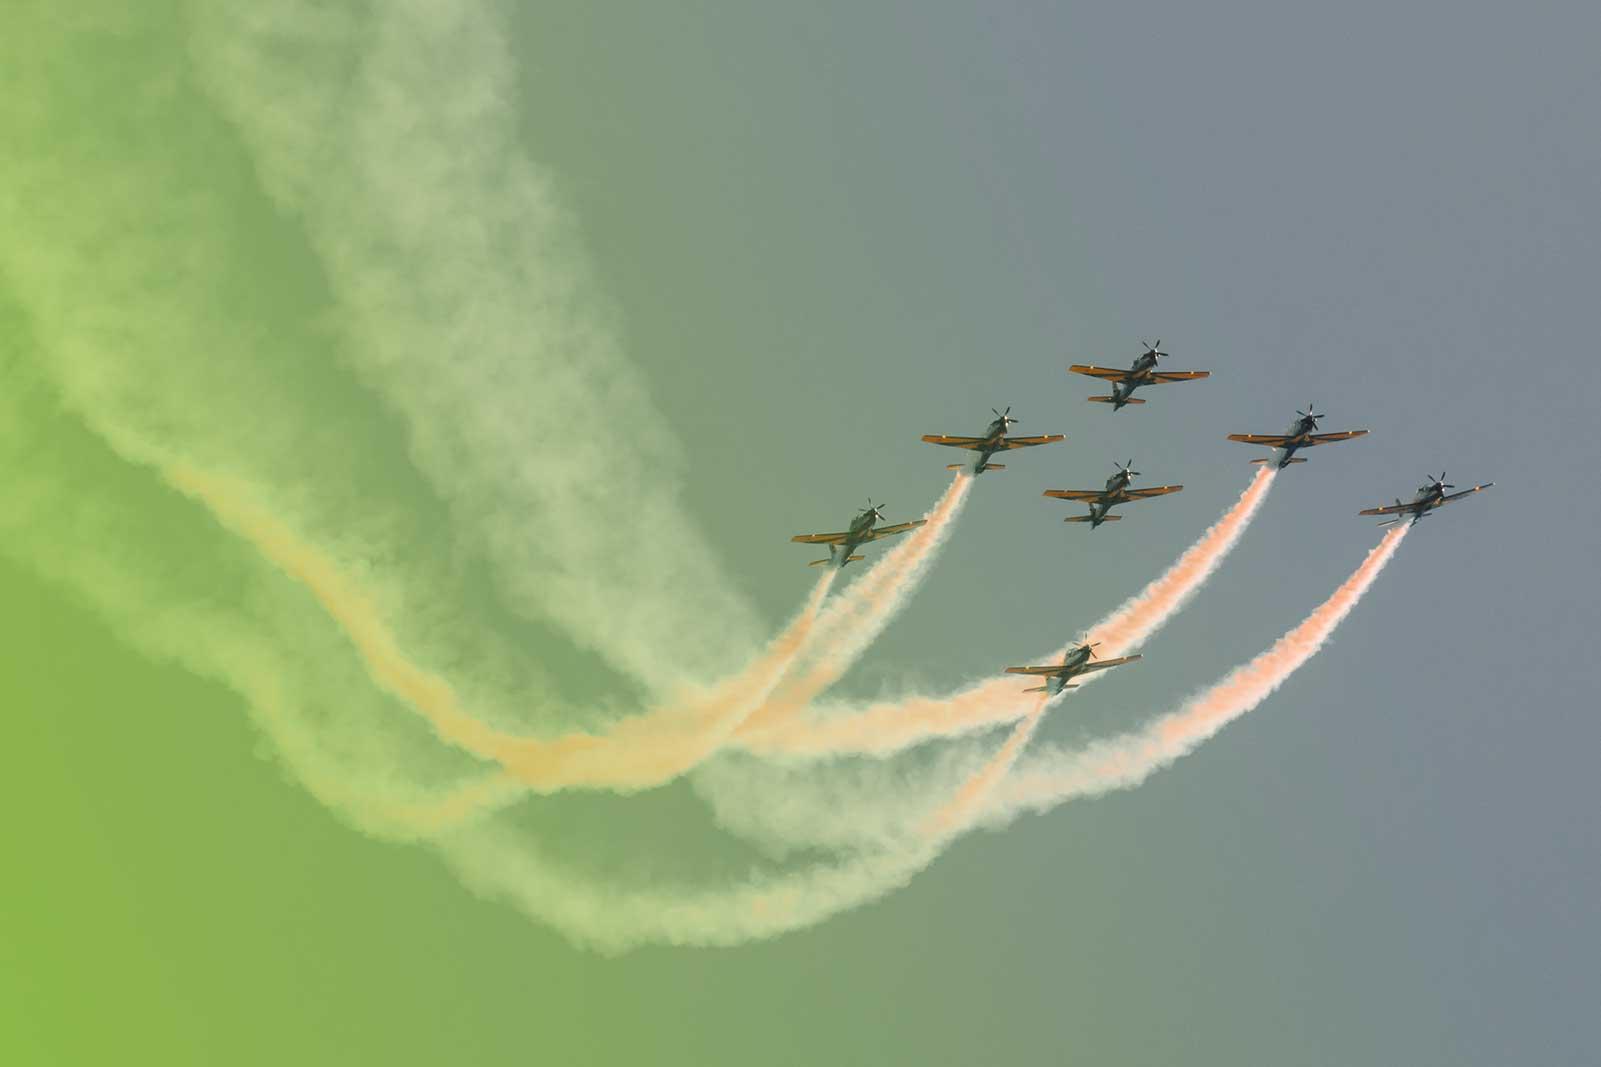 Fotografia de um esquadrão de aviões em vôo fazendo manobras